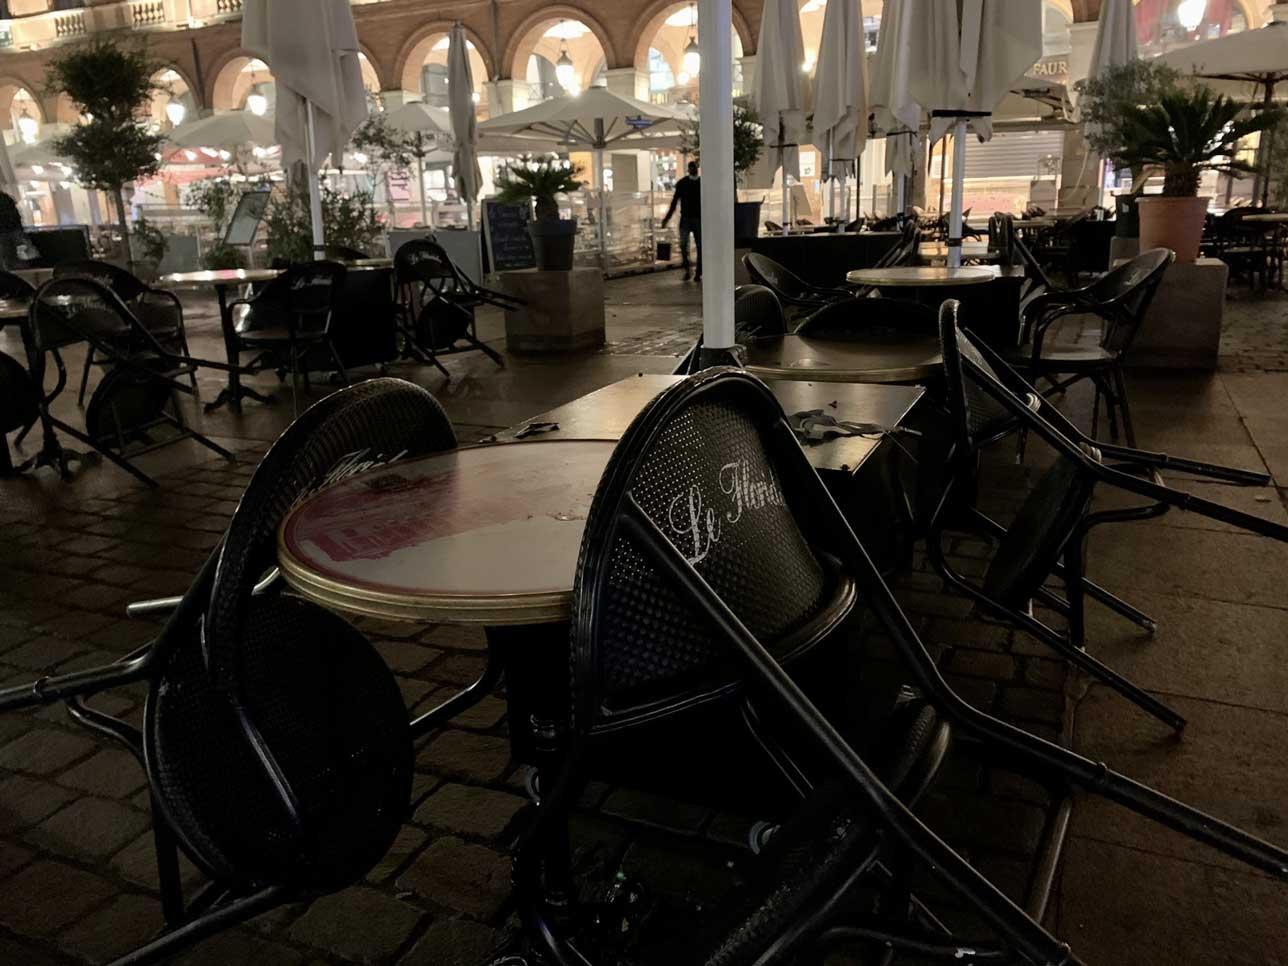 Les restaurants sont contraints de fermer depuis plusieurs mois, malgré une bouffée d'air frais dans l'été. Crédit : Guillaume Pannetier